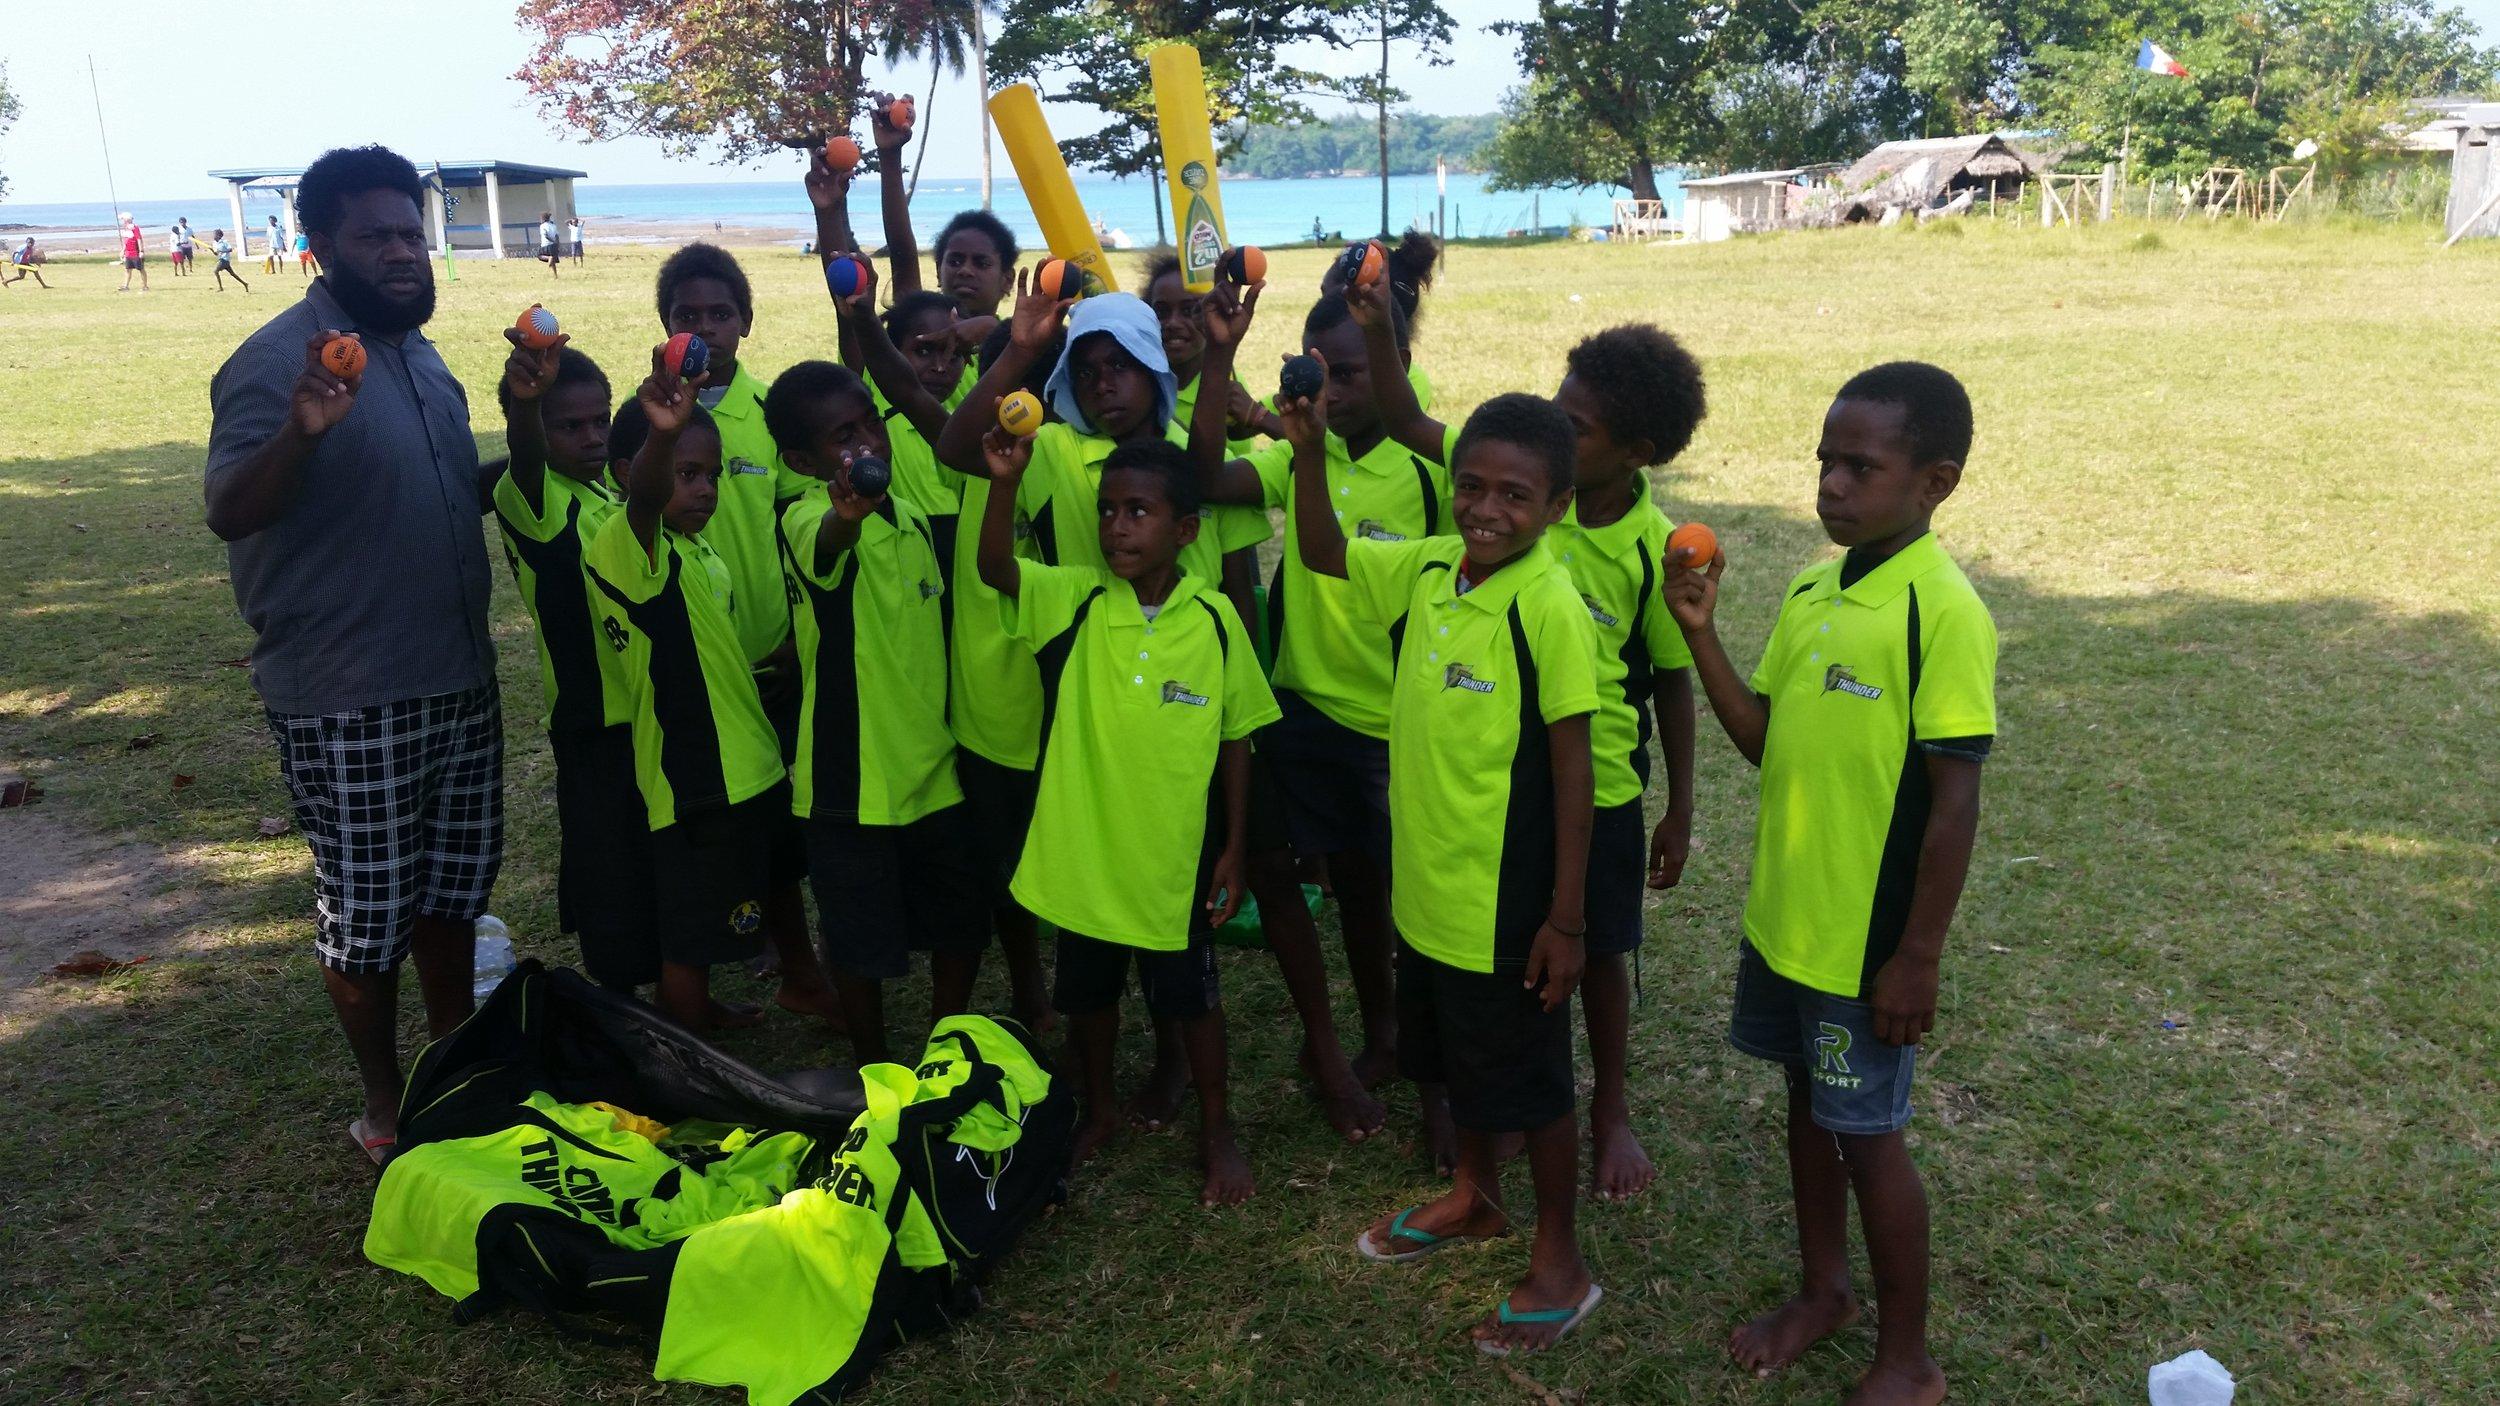 Vanuatu - main image.jpg